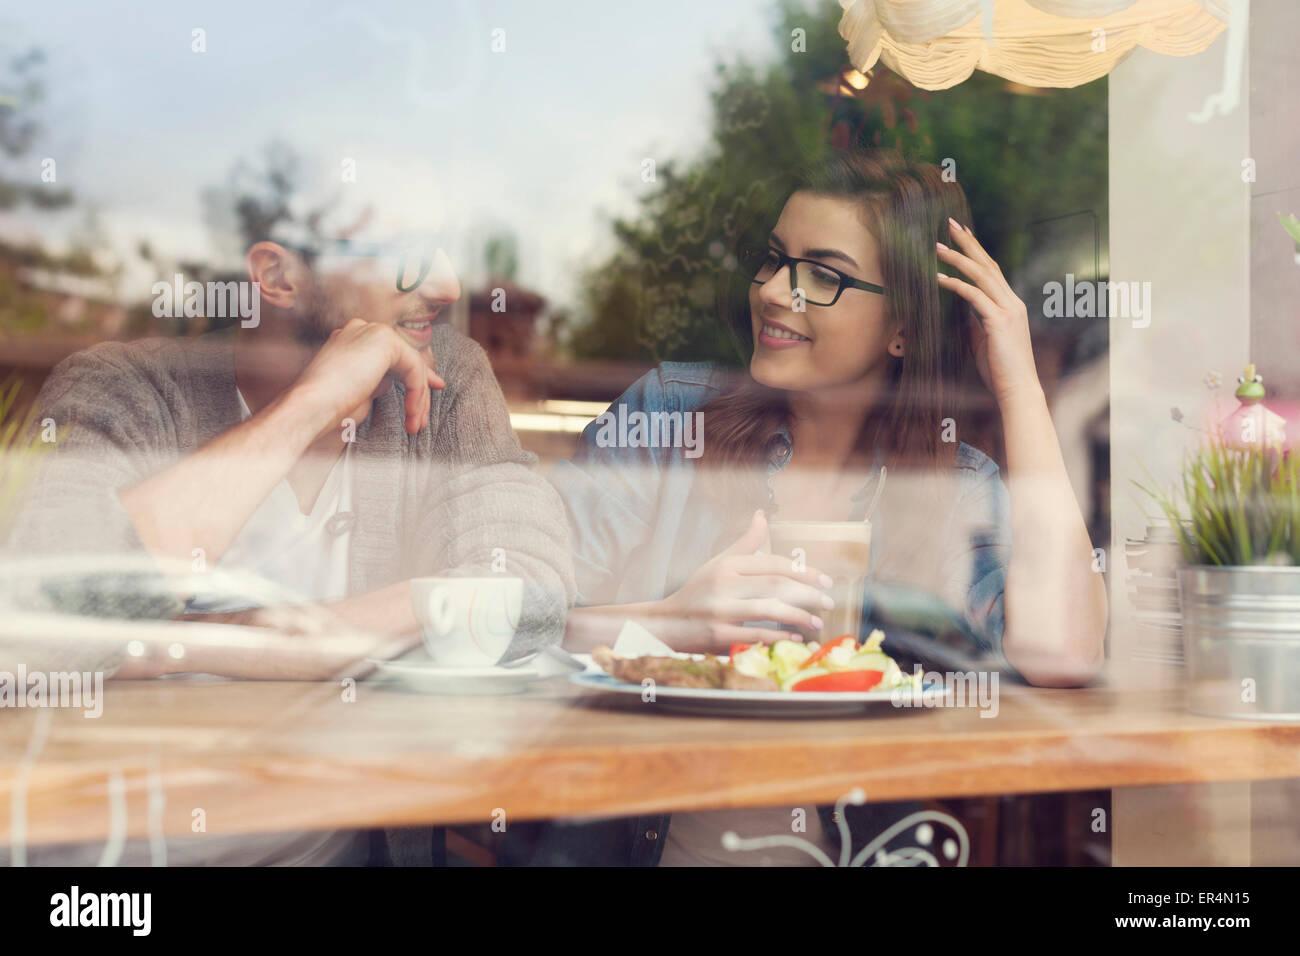 Junges Paar auf ein Datum im Restaurant. Krakau, Polen Stockbild